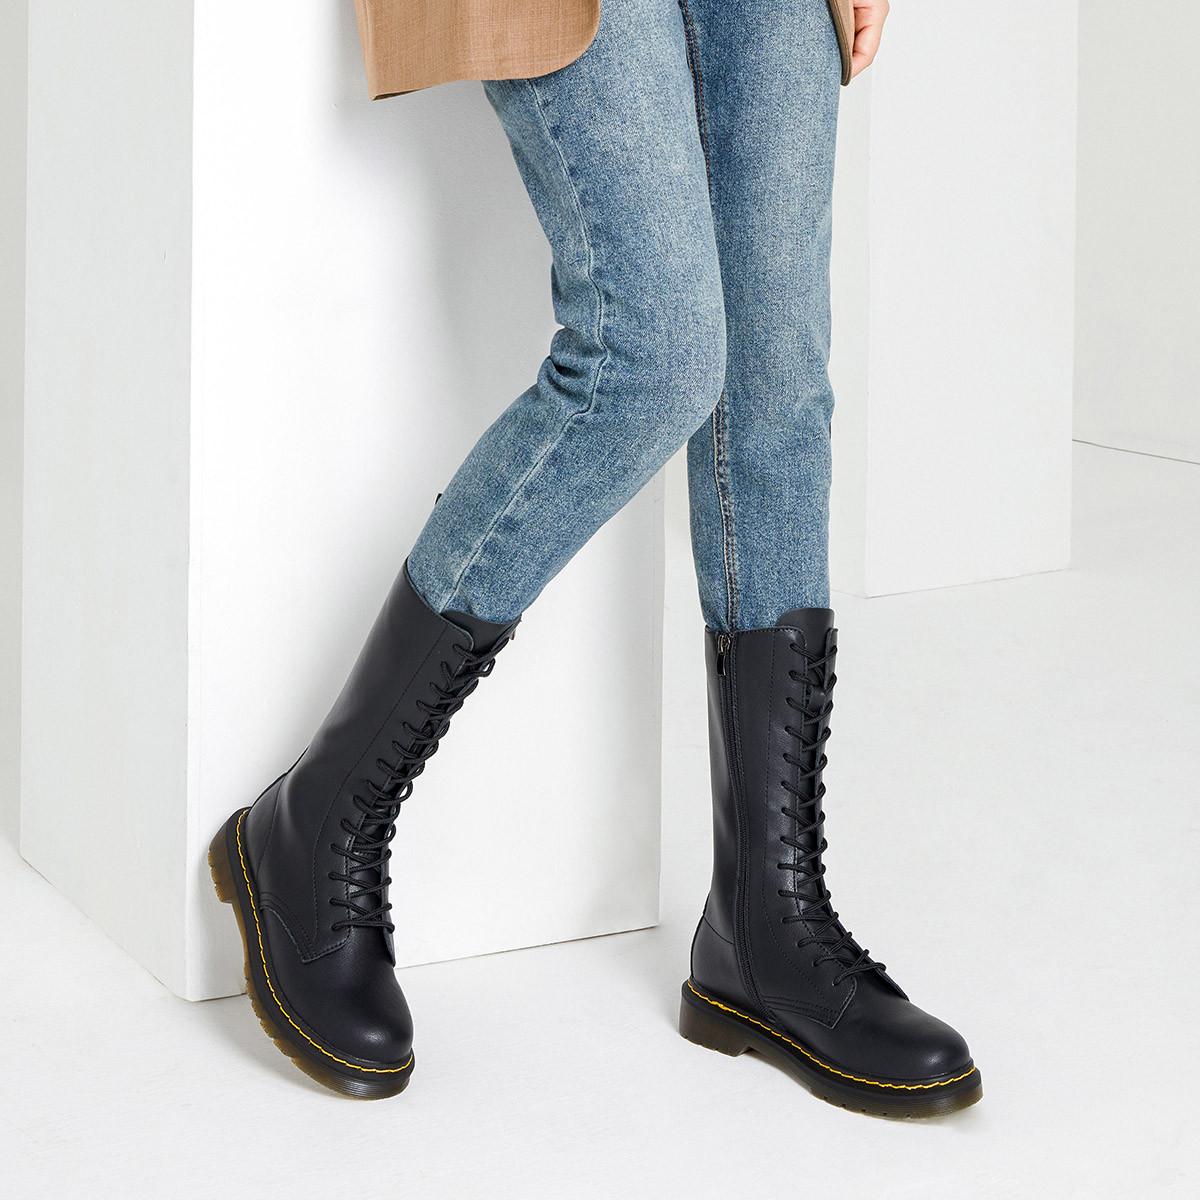 杰雷哈洛新款帅酷拉链马丁靴高筒女靴子机车靴